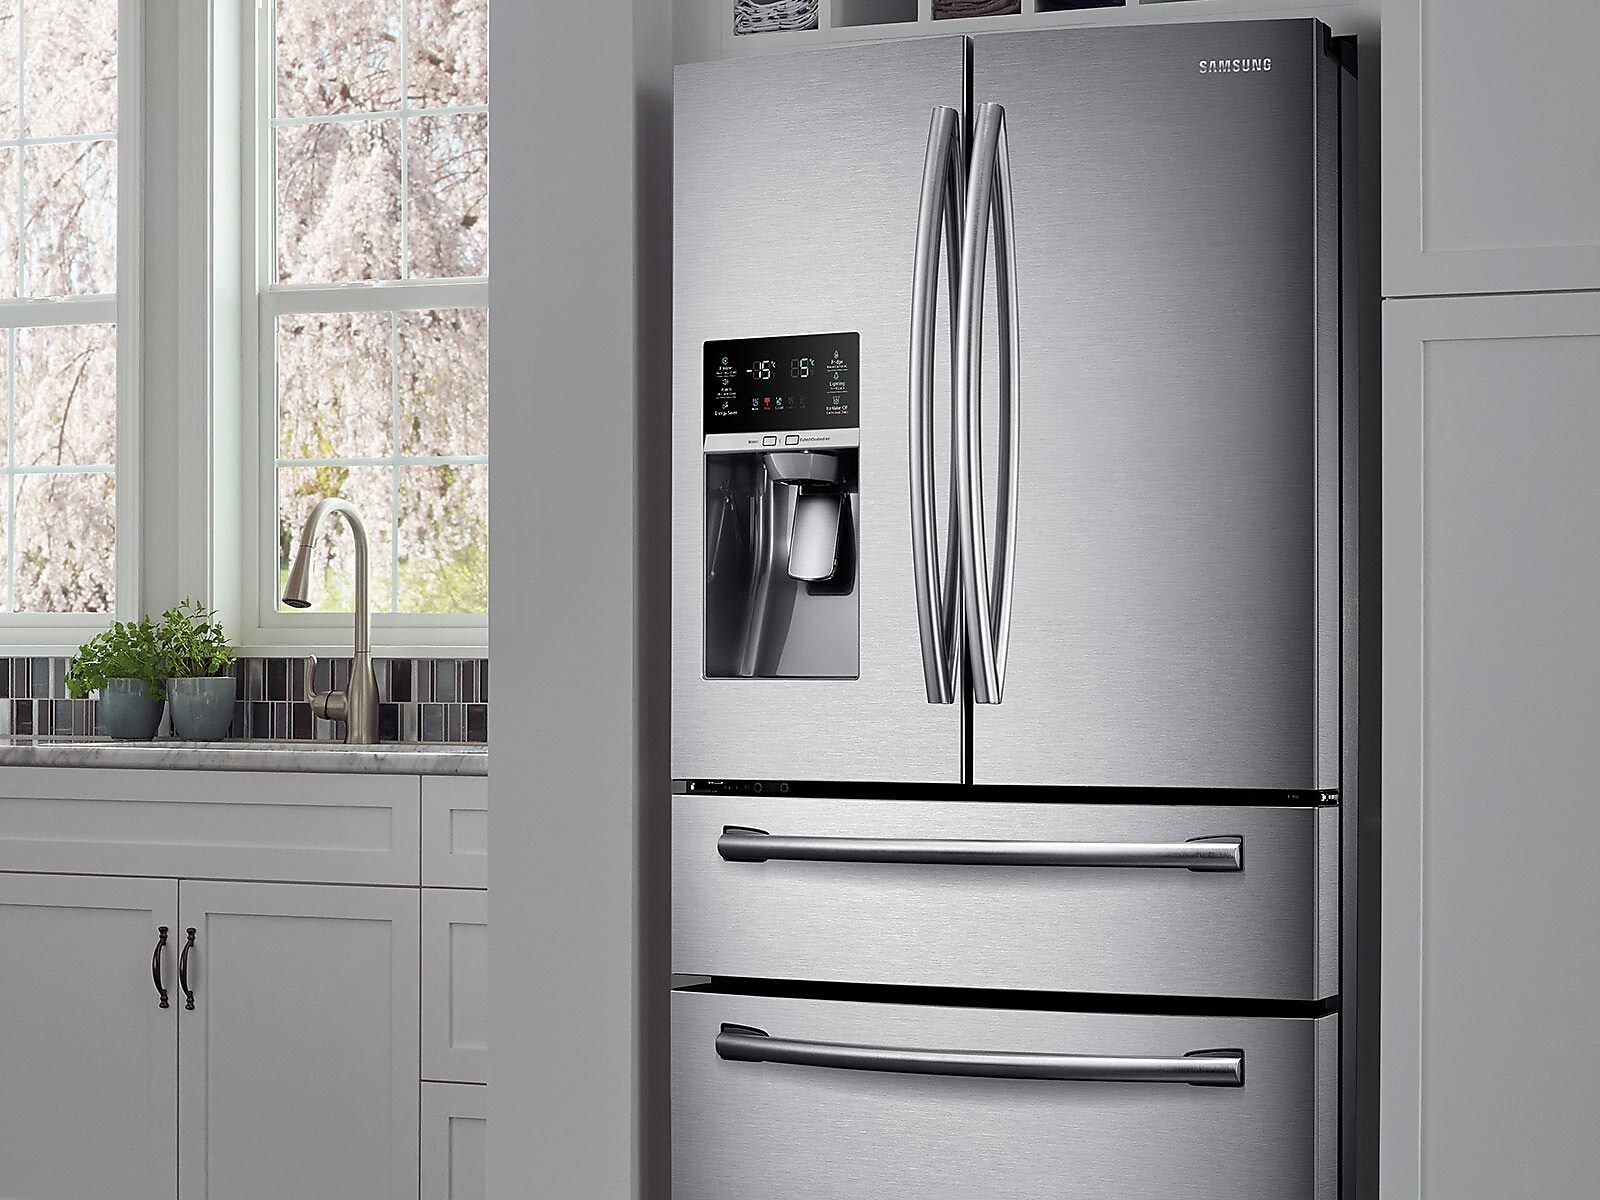 Samsung 30 Cu Ft 4 Door French Door Refrigerator Silver